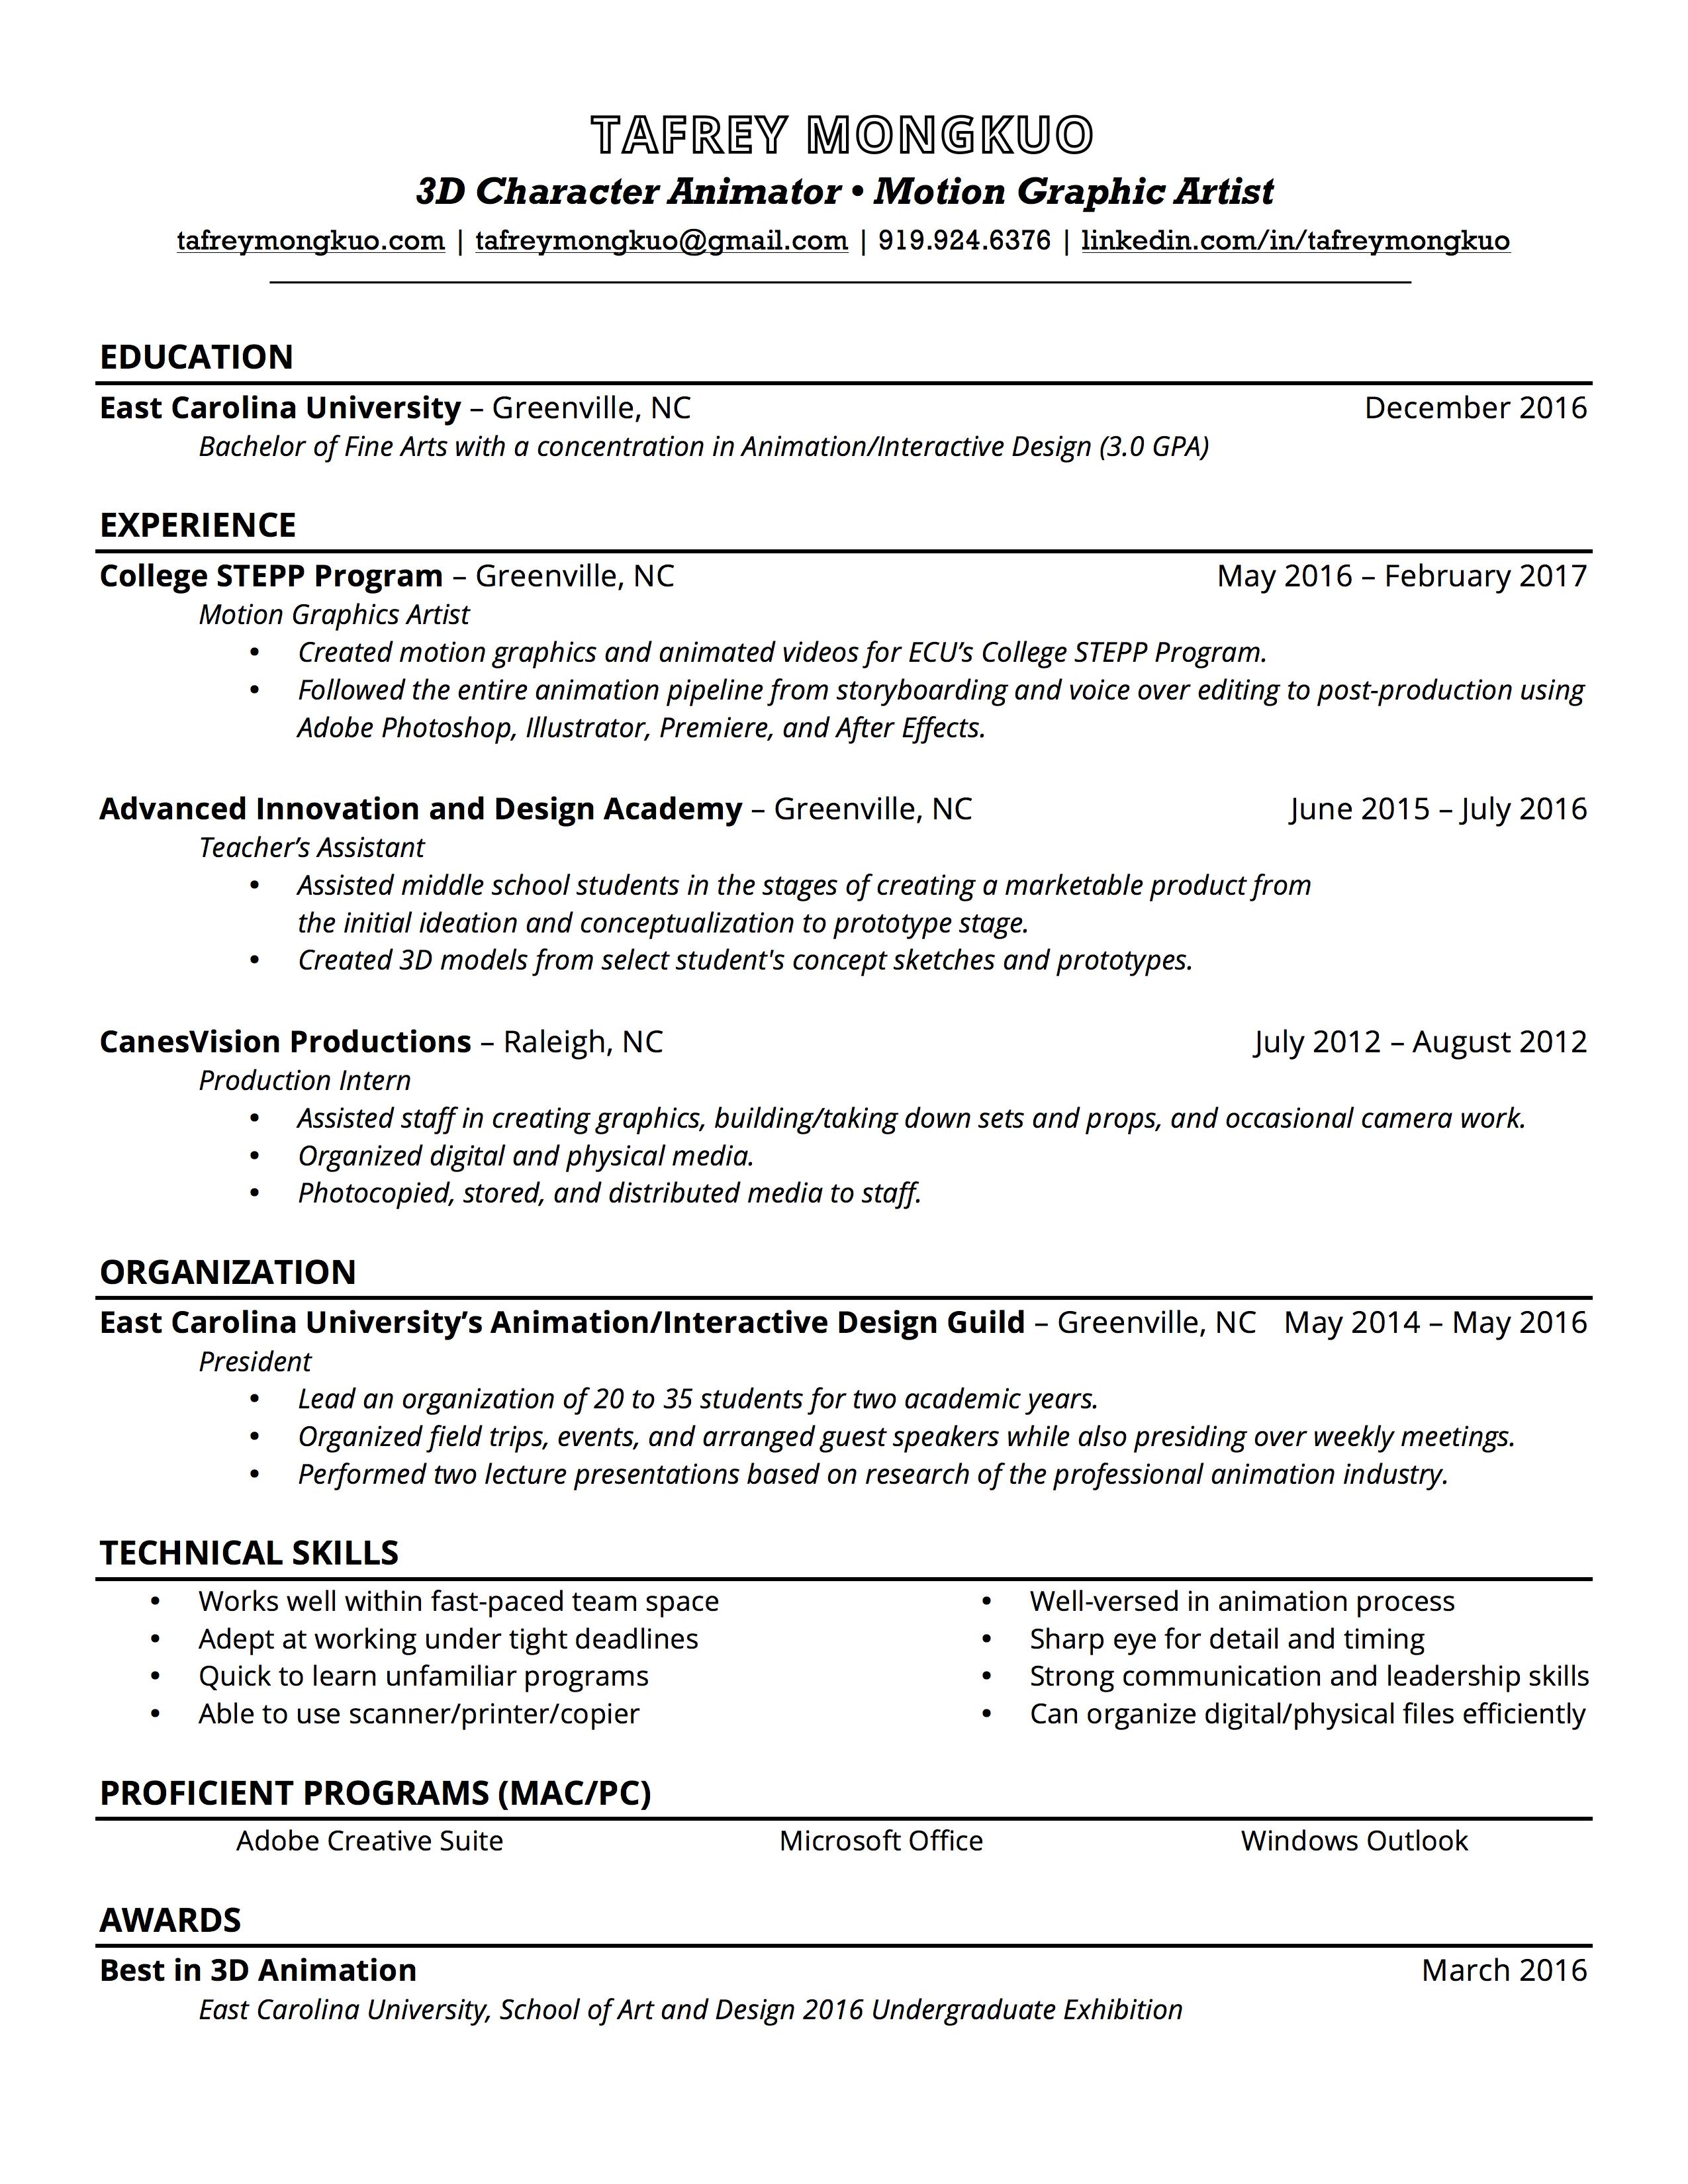 resume tafrey mongkuo